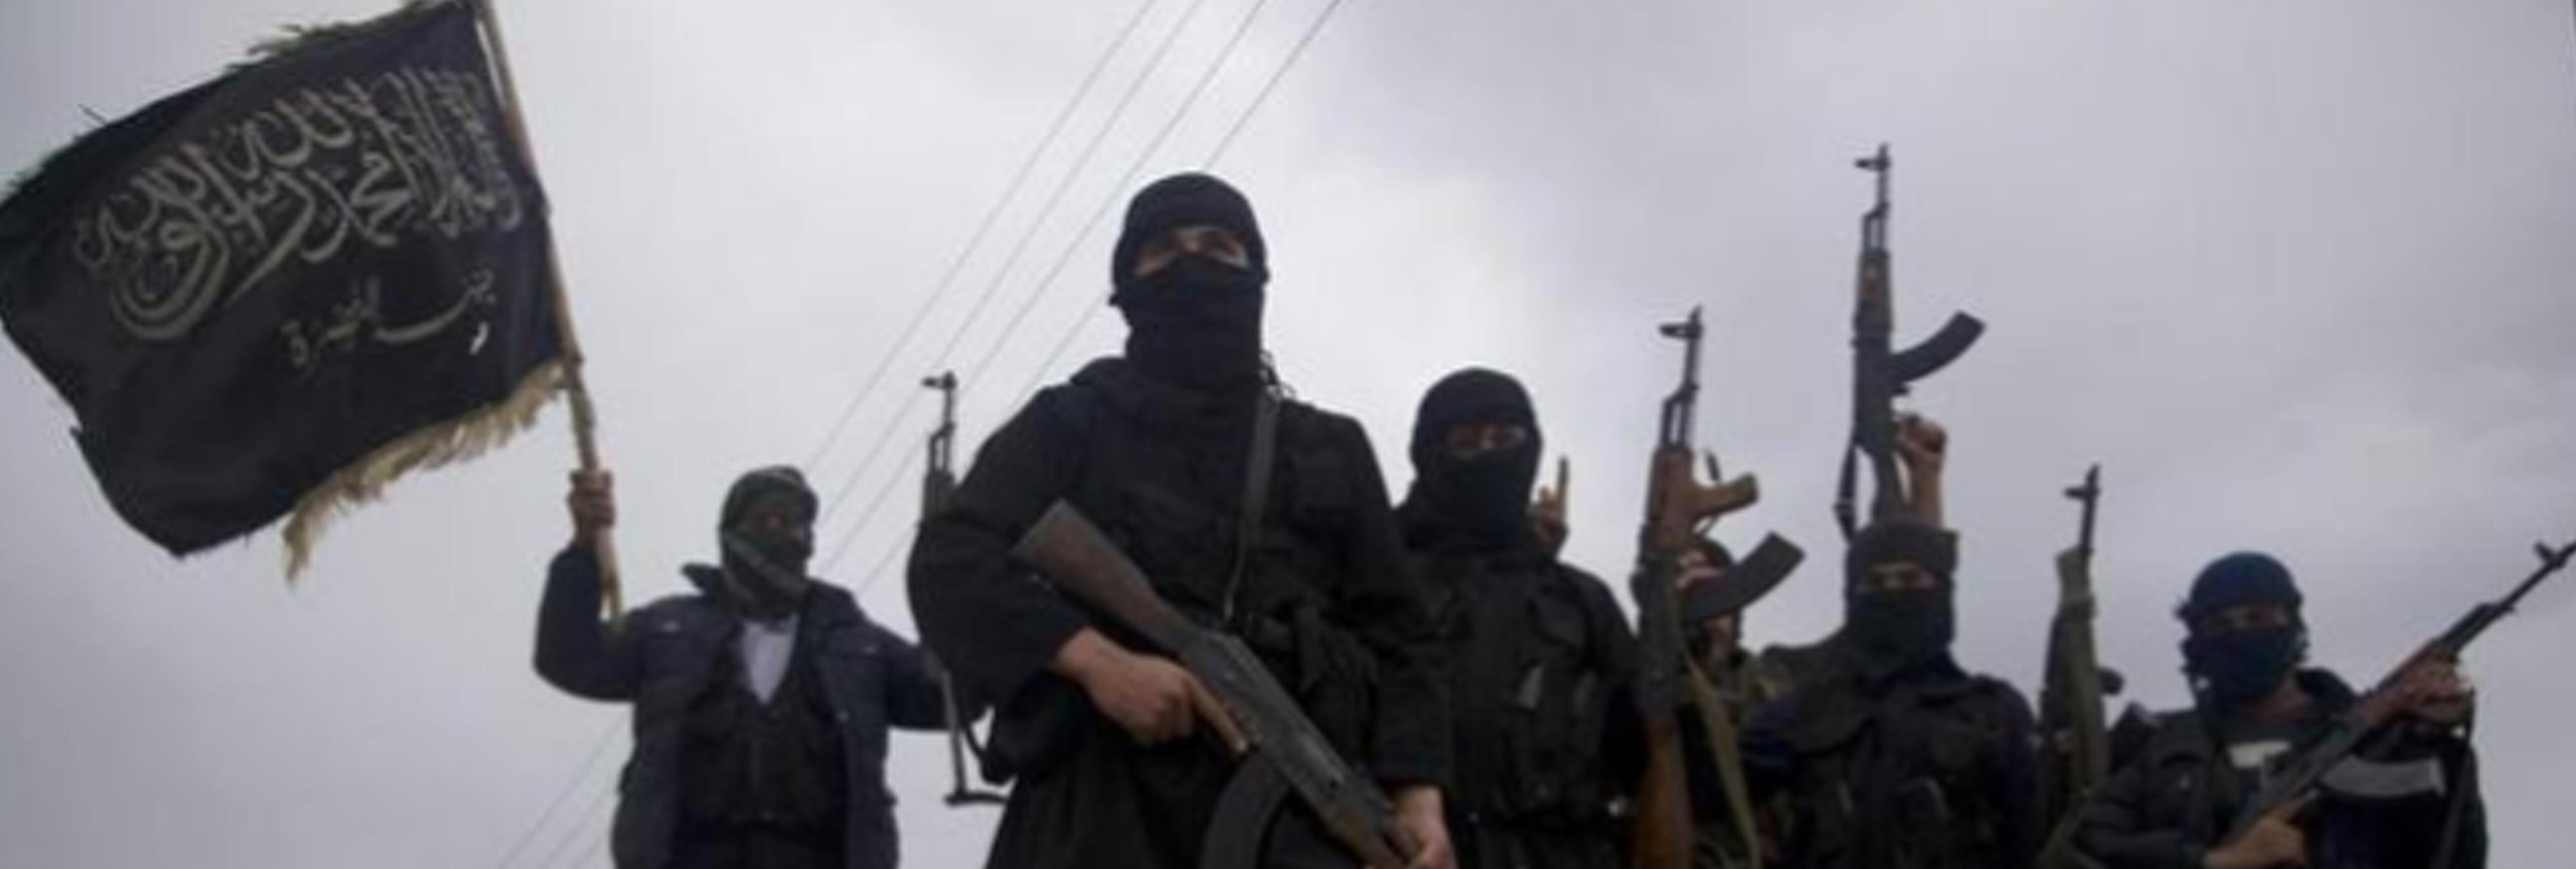 """El Daesh refuerza su retórica para la """"reconquista de Al-Andalus"""""""